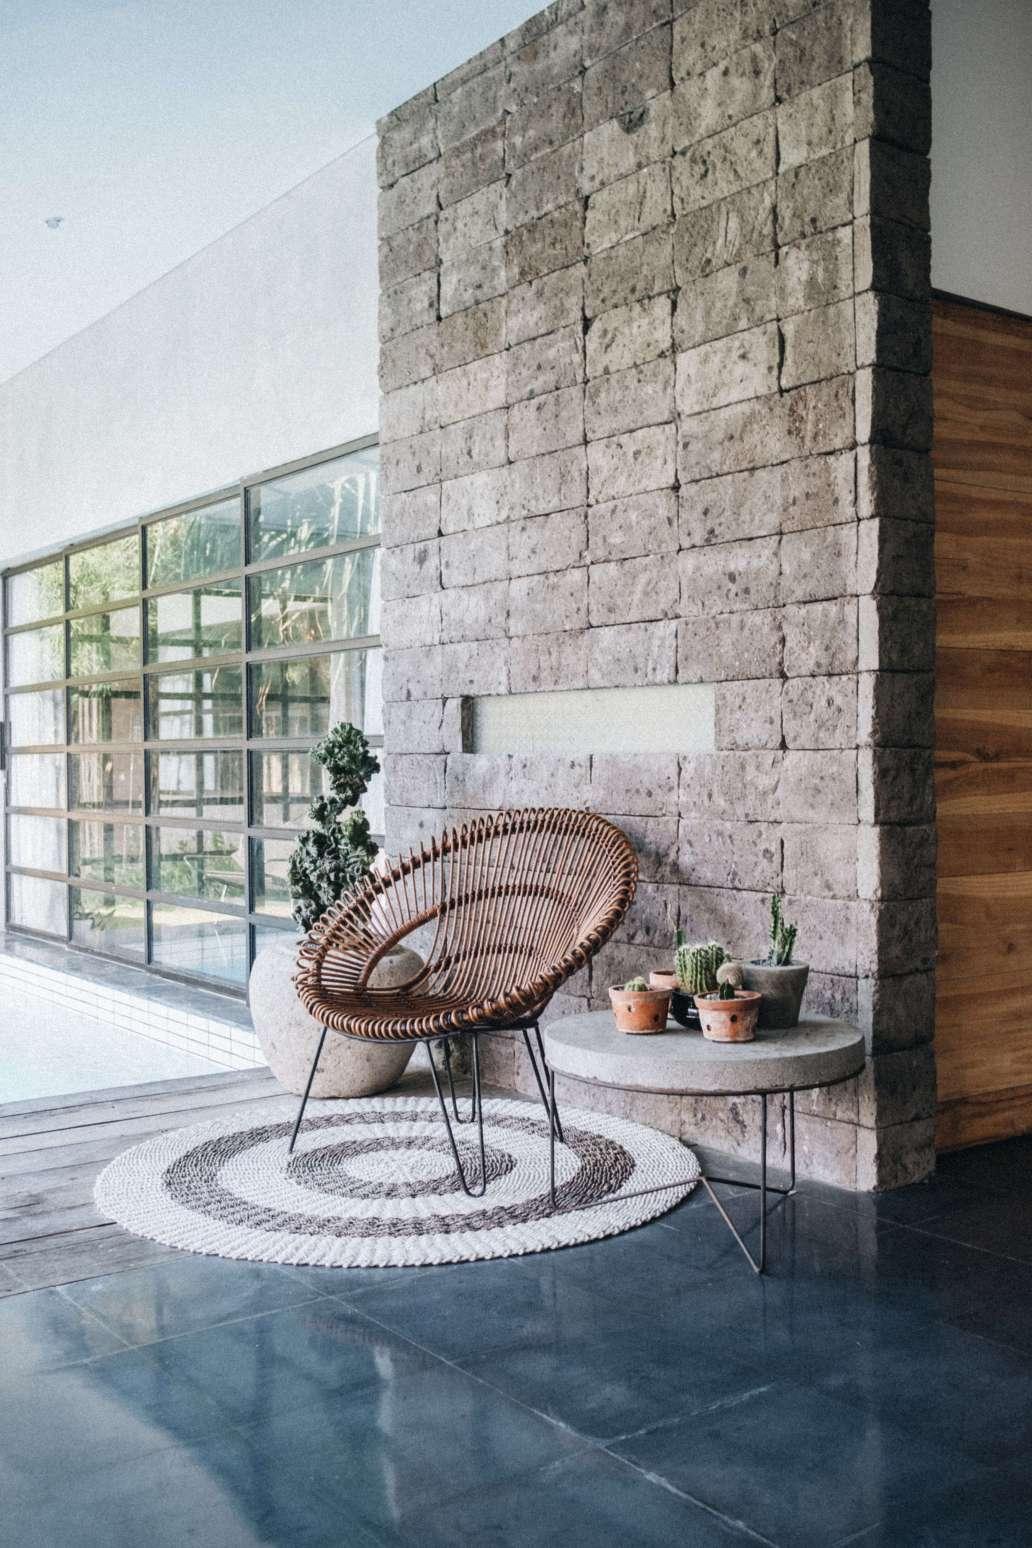 sonnie hiles L0BaowhFe4c unsplash 2 1365x2048 - Comment créer un intérieur cosy grâce à l'artisanat ?